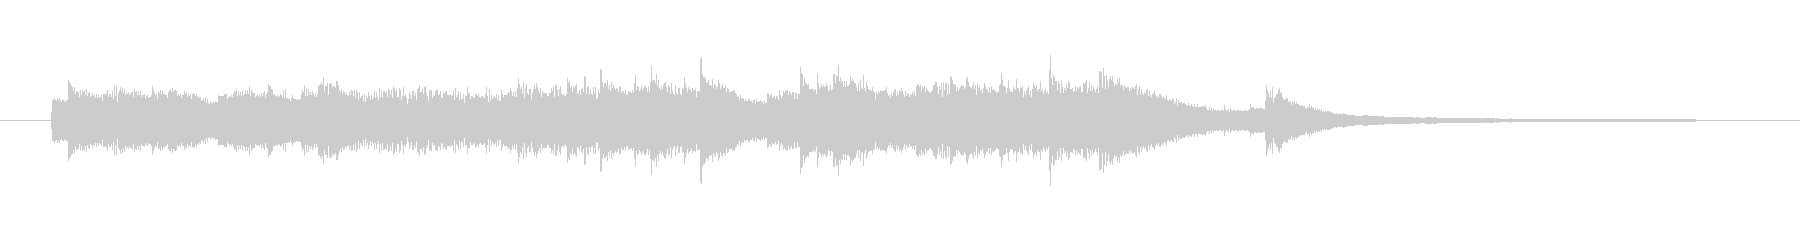 尺:43秒切ないイメージのピアノソロ曲…の未再生の波形